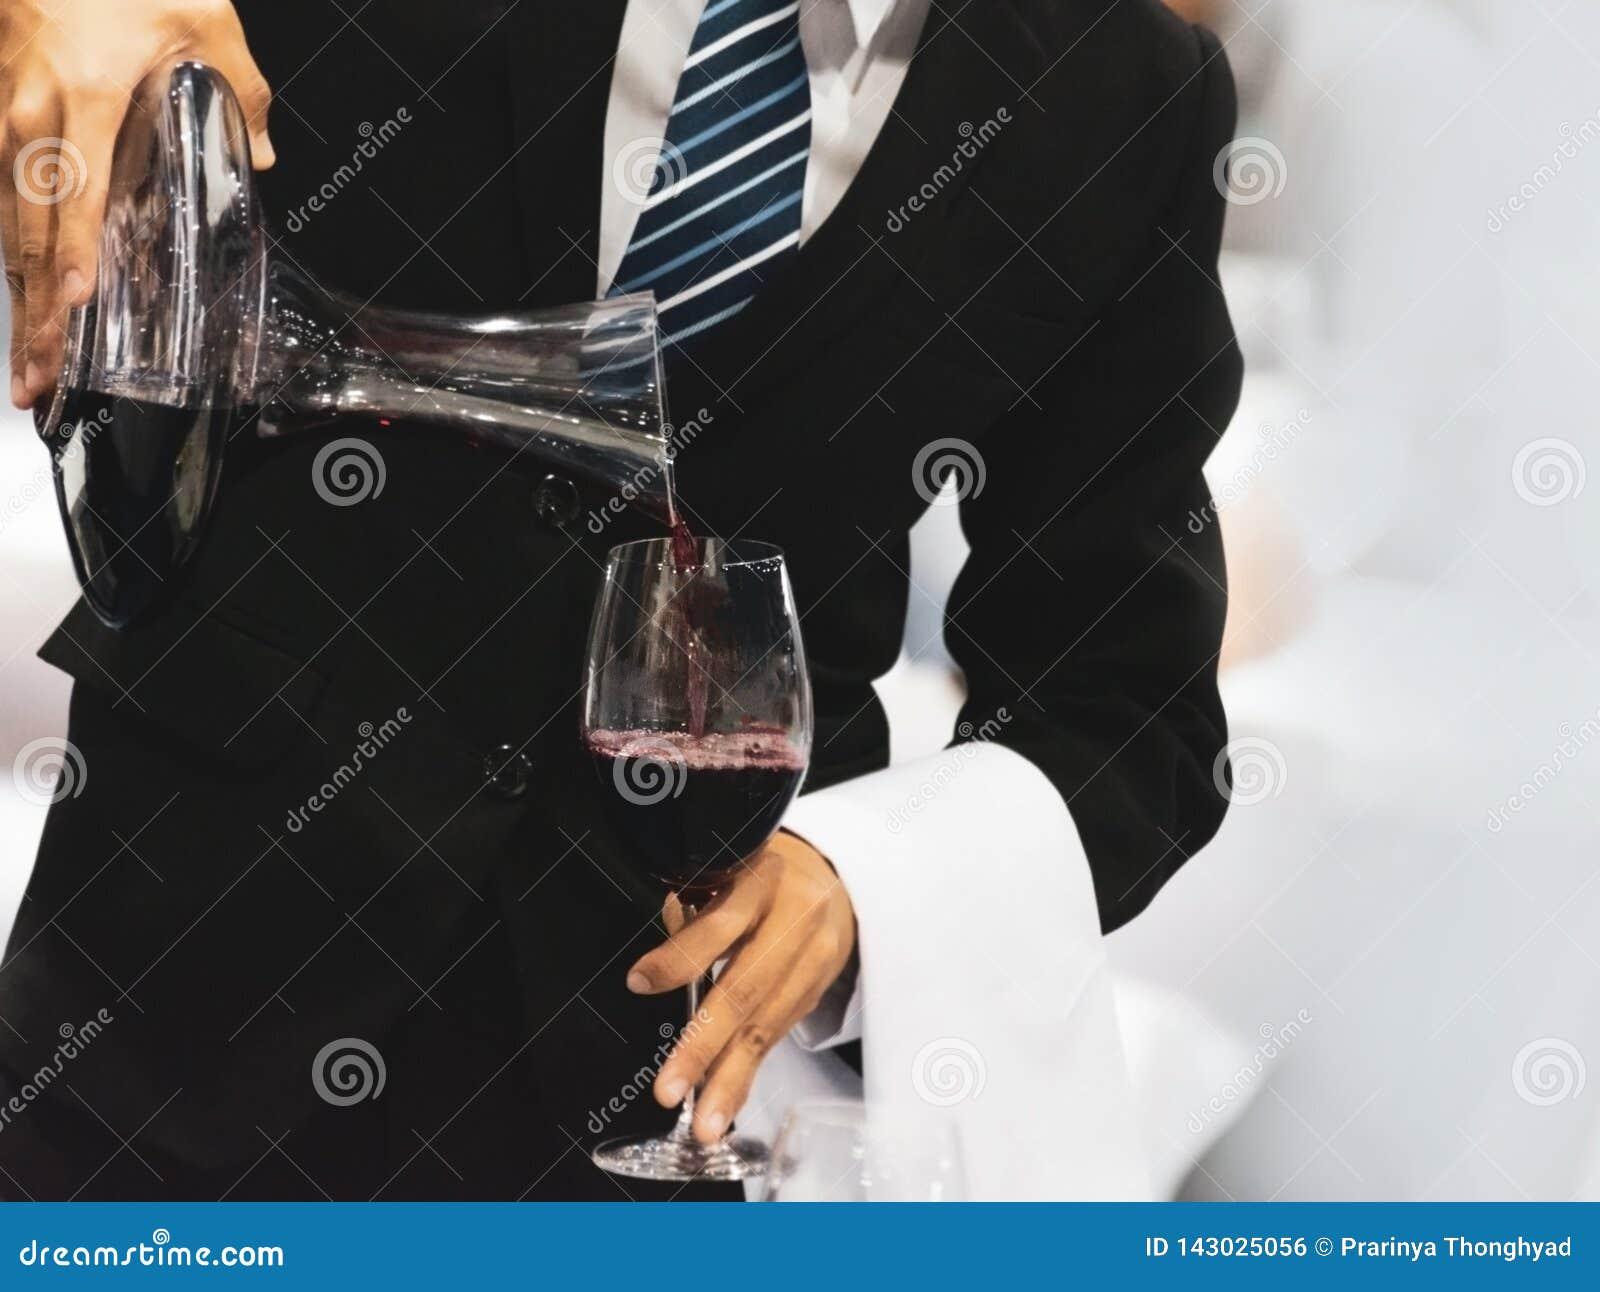 Cameriere che versa vino rosso in un vetro ad una tavola del ristorante